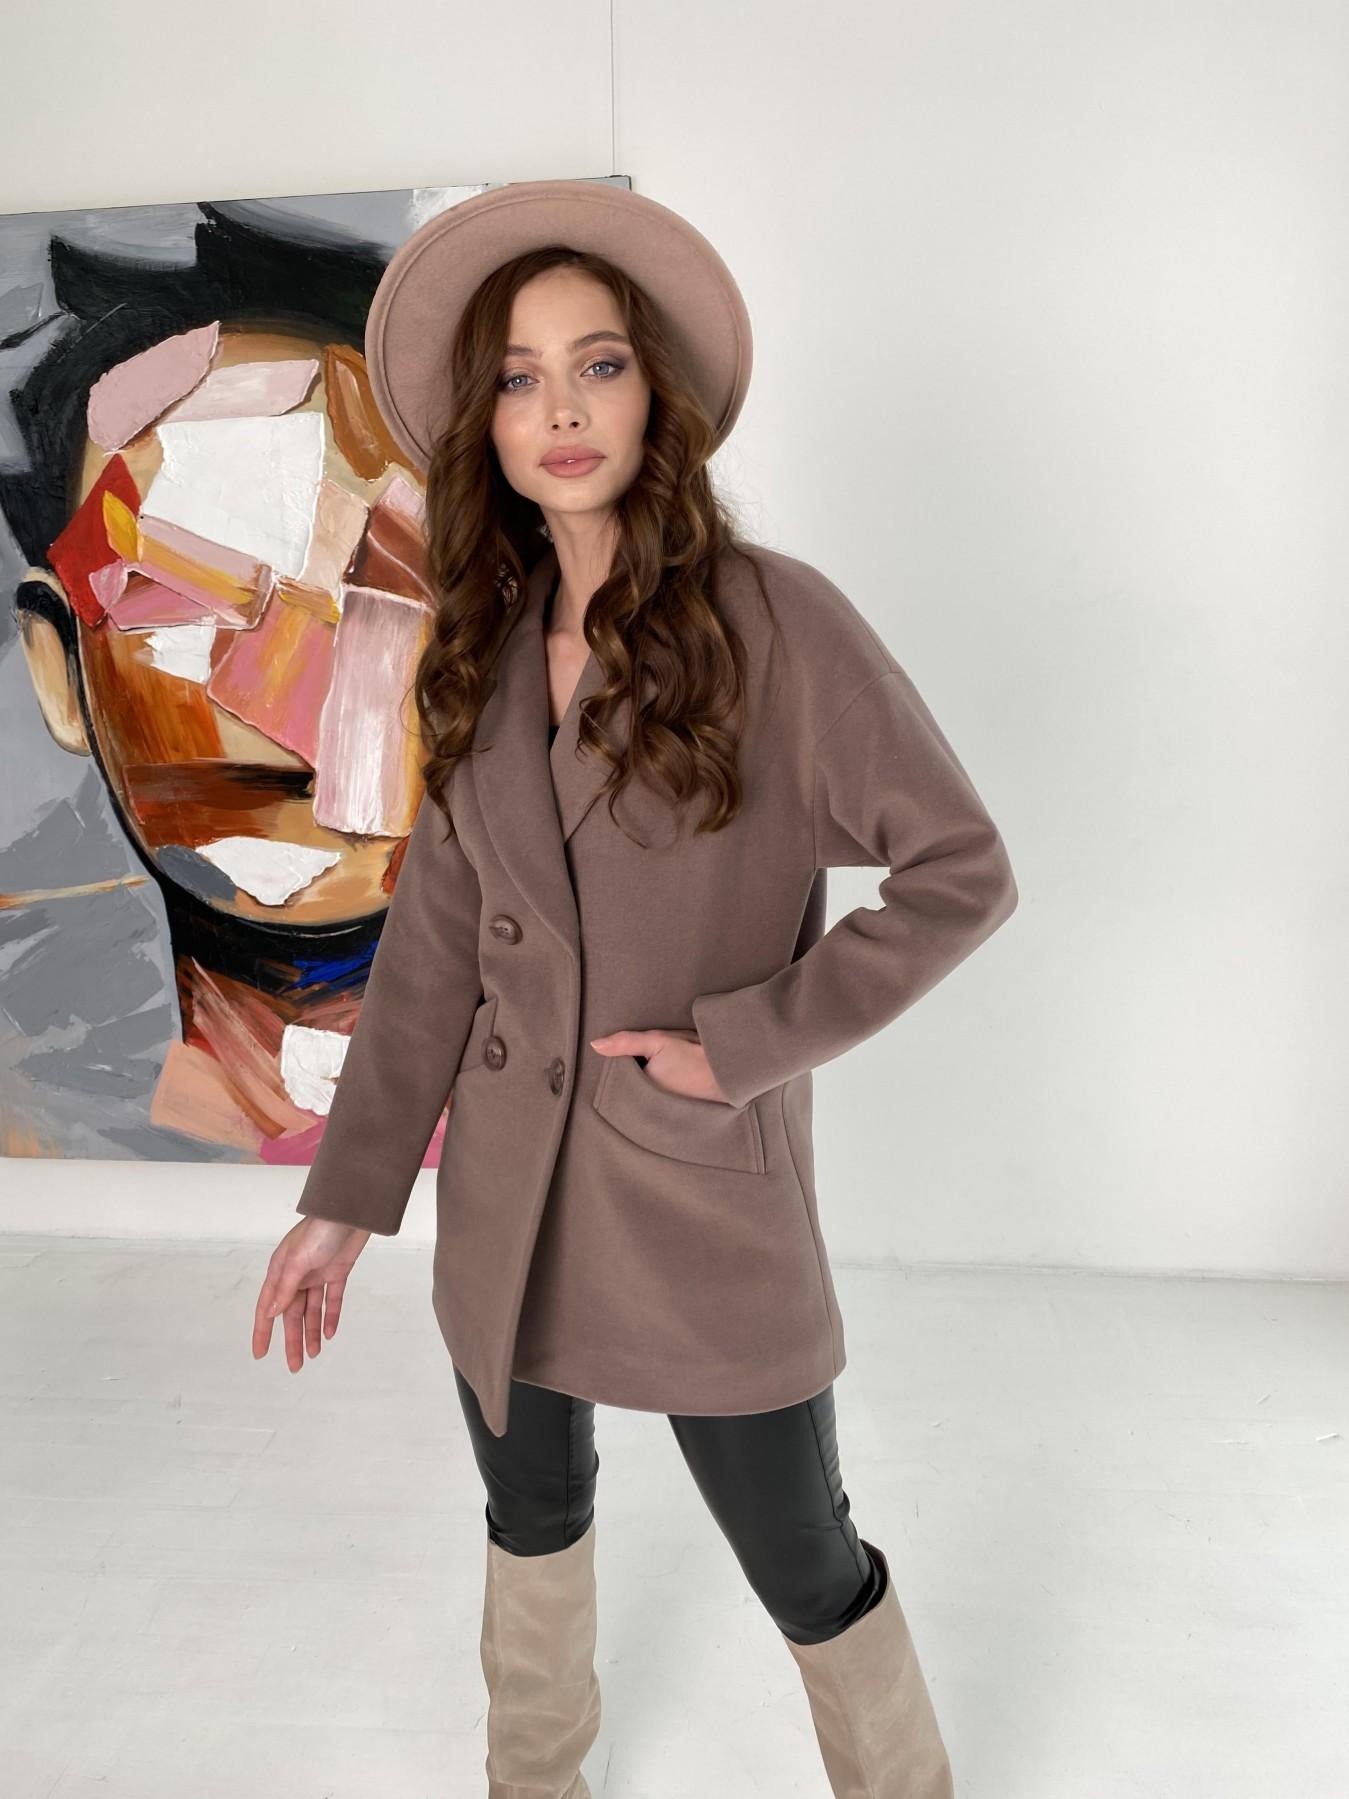 Бонд пальто кашемировое на трикотаже 10642 АРТ. 47009 Цвет: Кофе - фото 1, интернет магазин tm-modus.ru